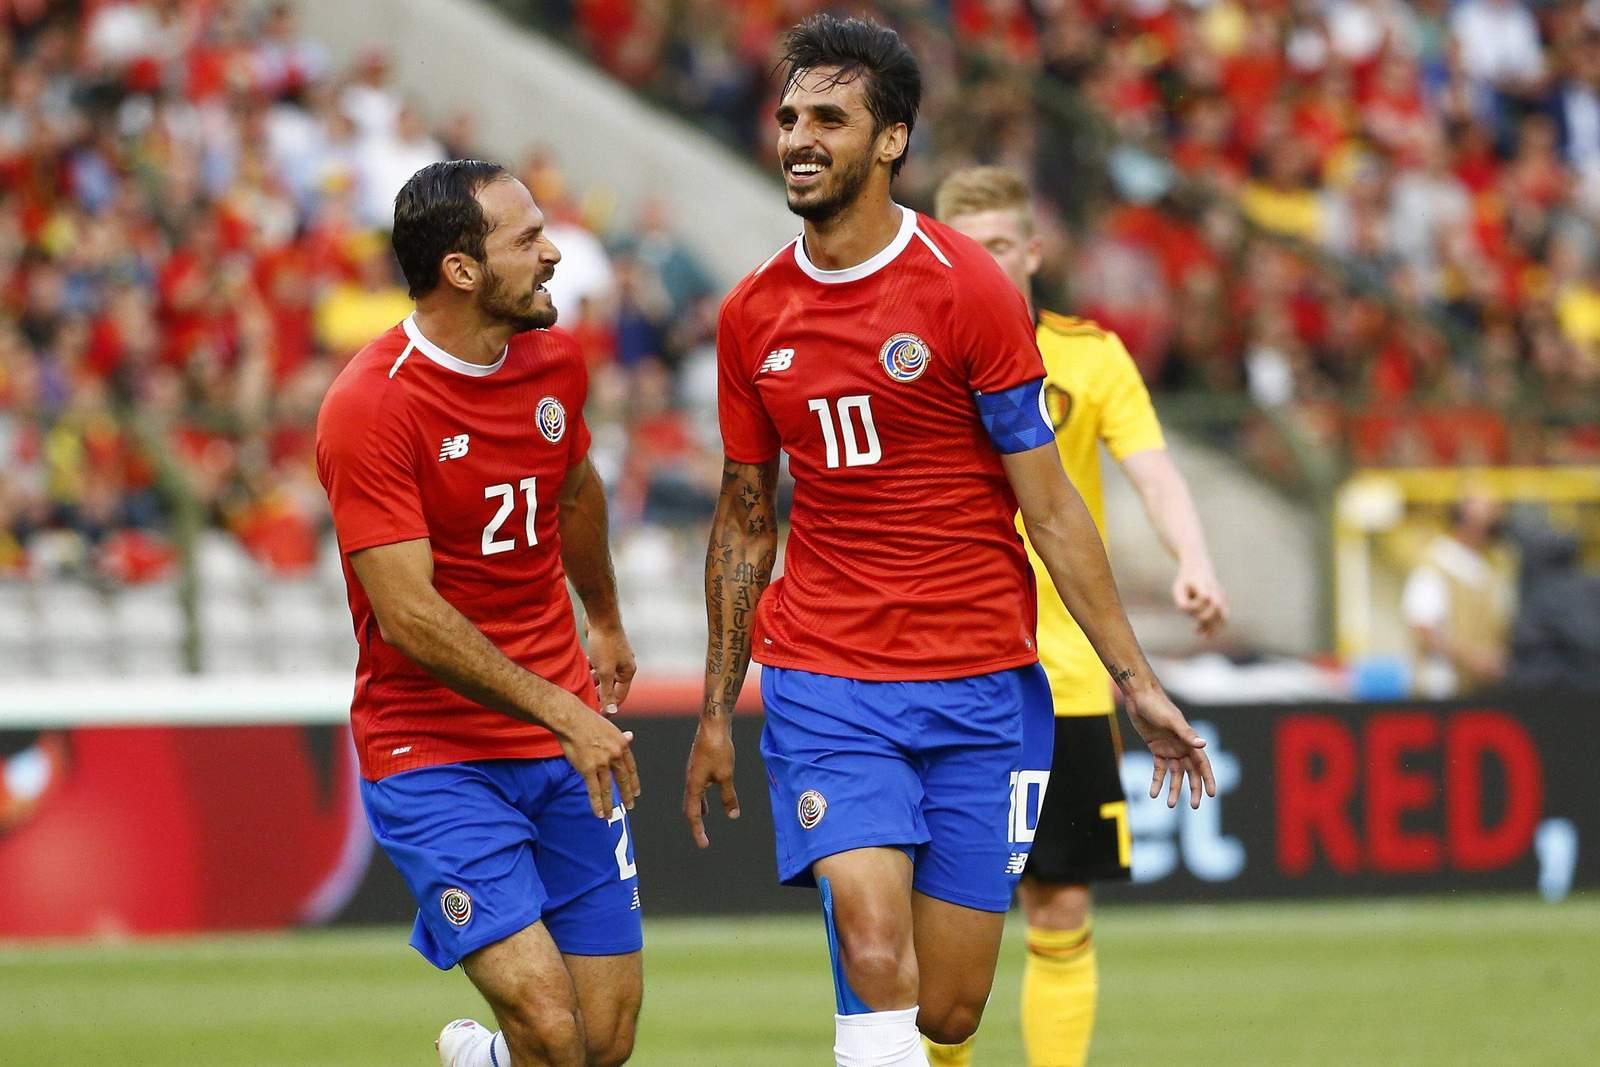 Jubelt Bryan Ruiz gleich im ersten Gruppenspiel? Jetzt auf Costa Rica gegen Serbien wetten.